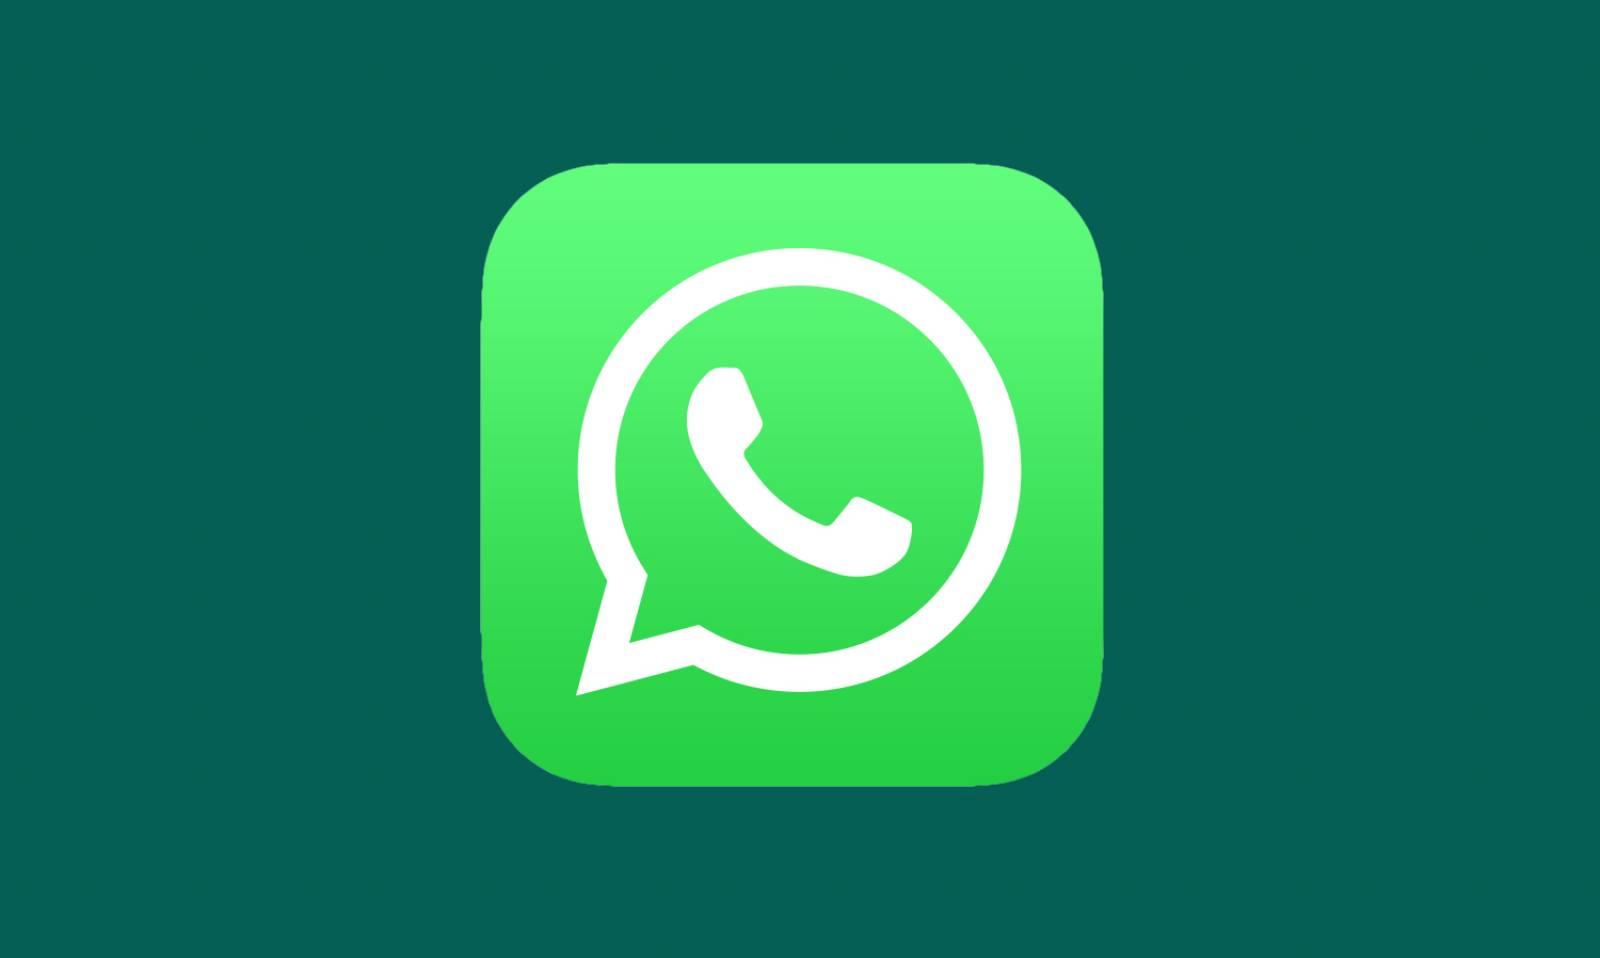 WhatsApp pandemie